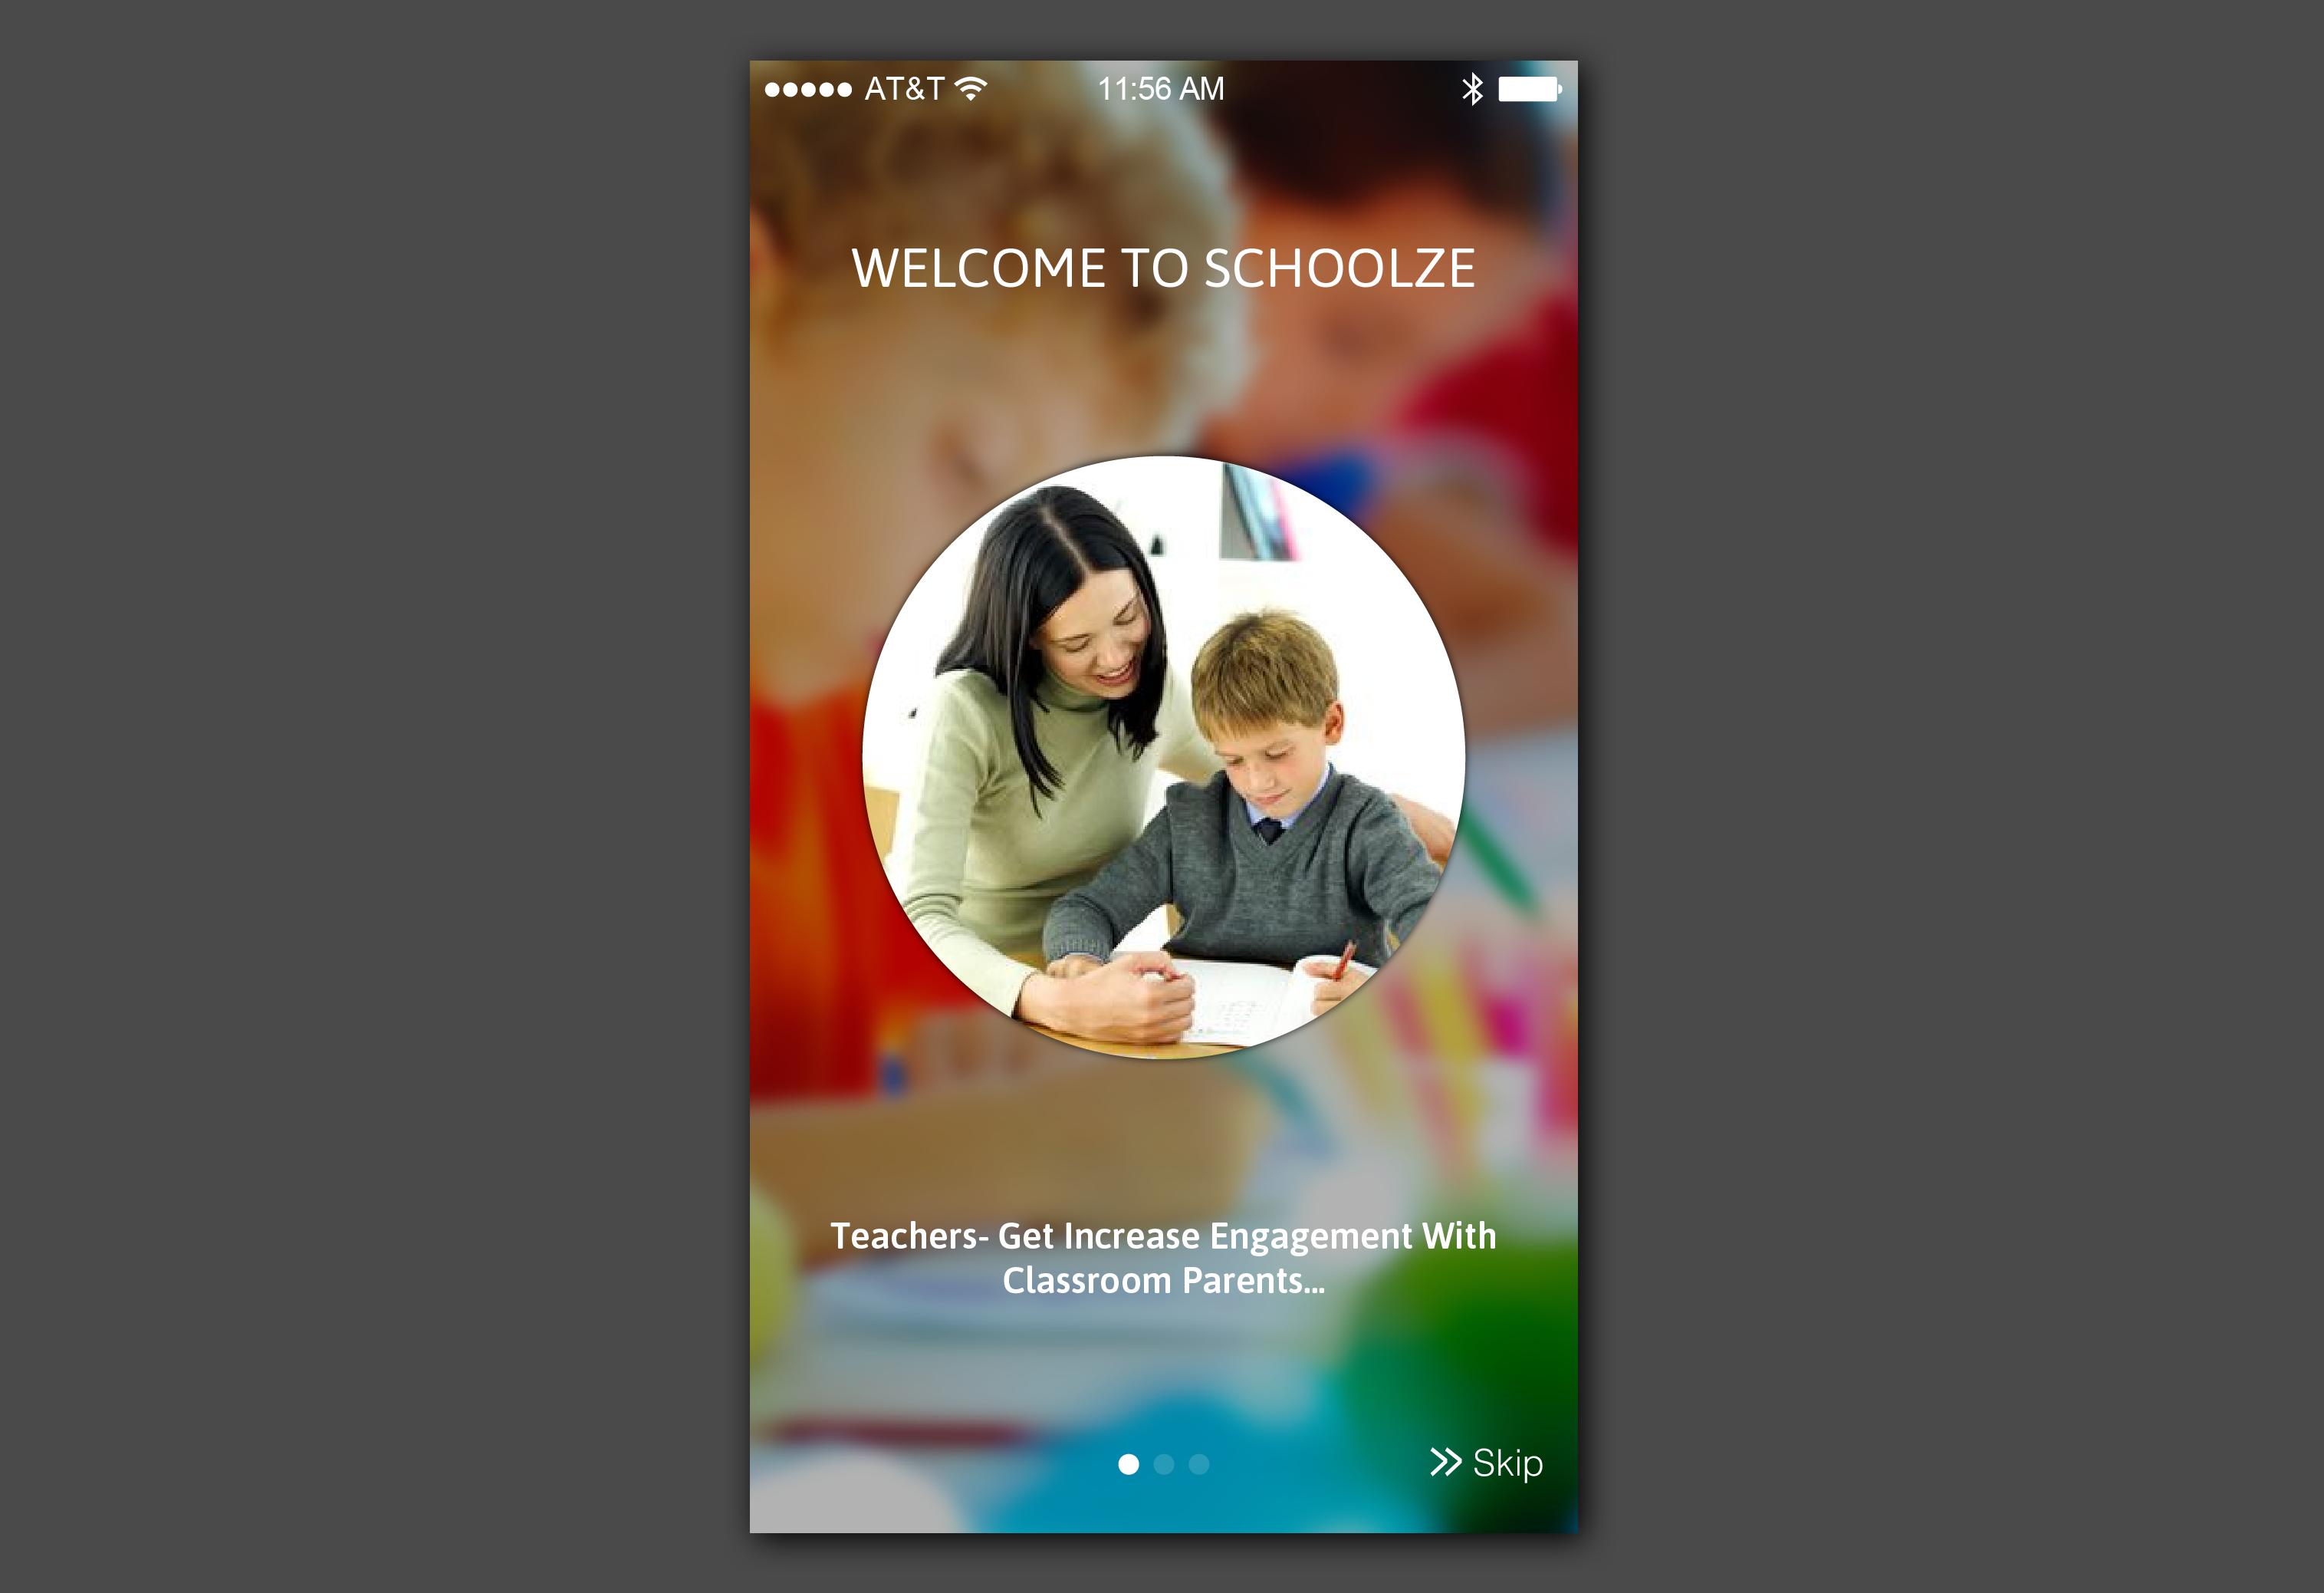 Schoolze App - Landing